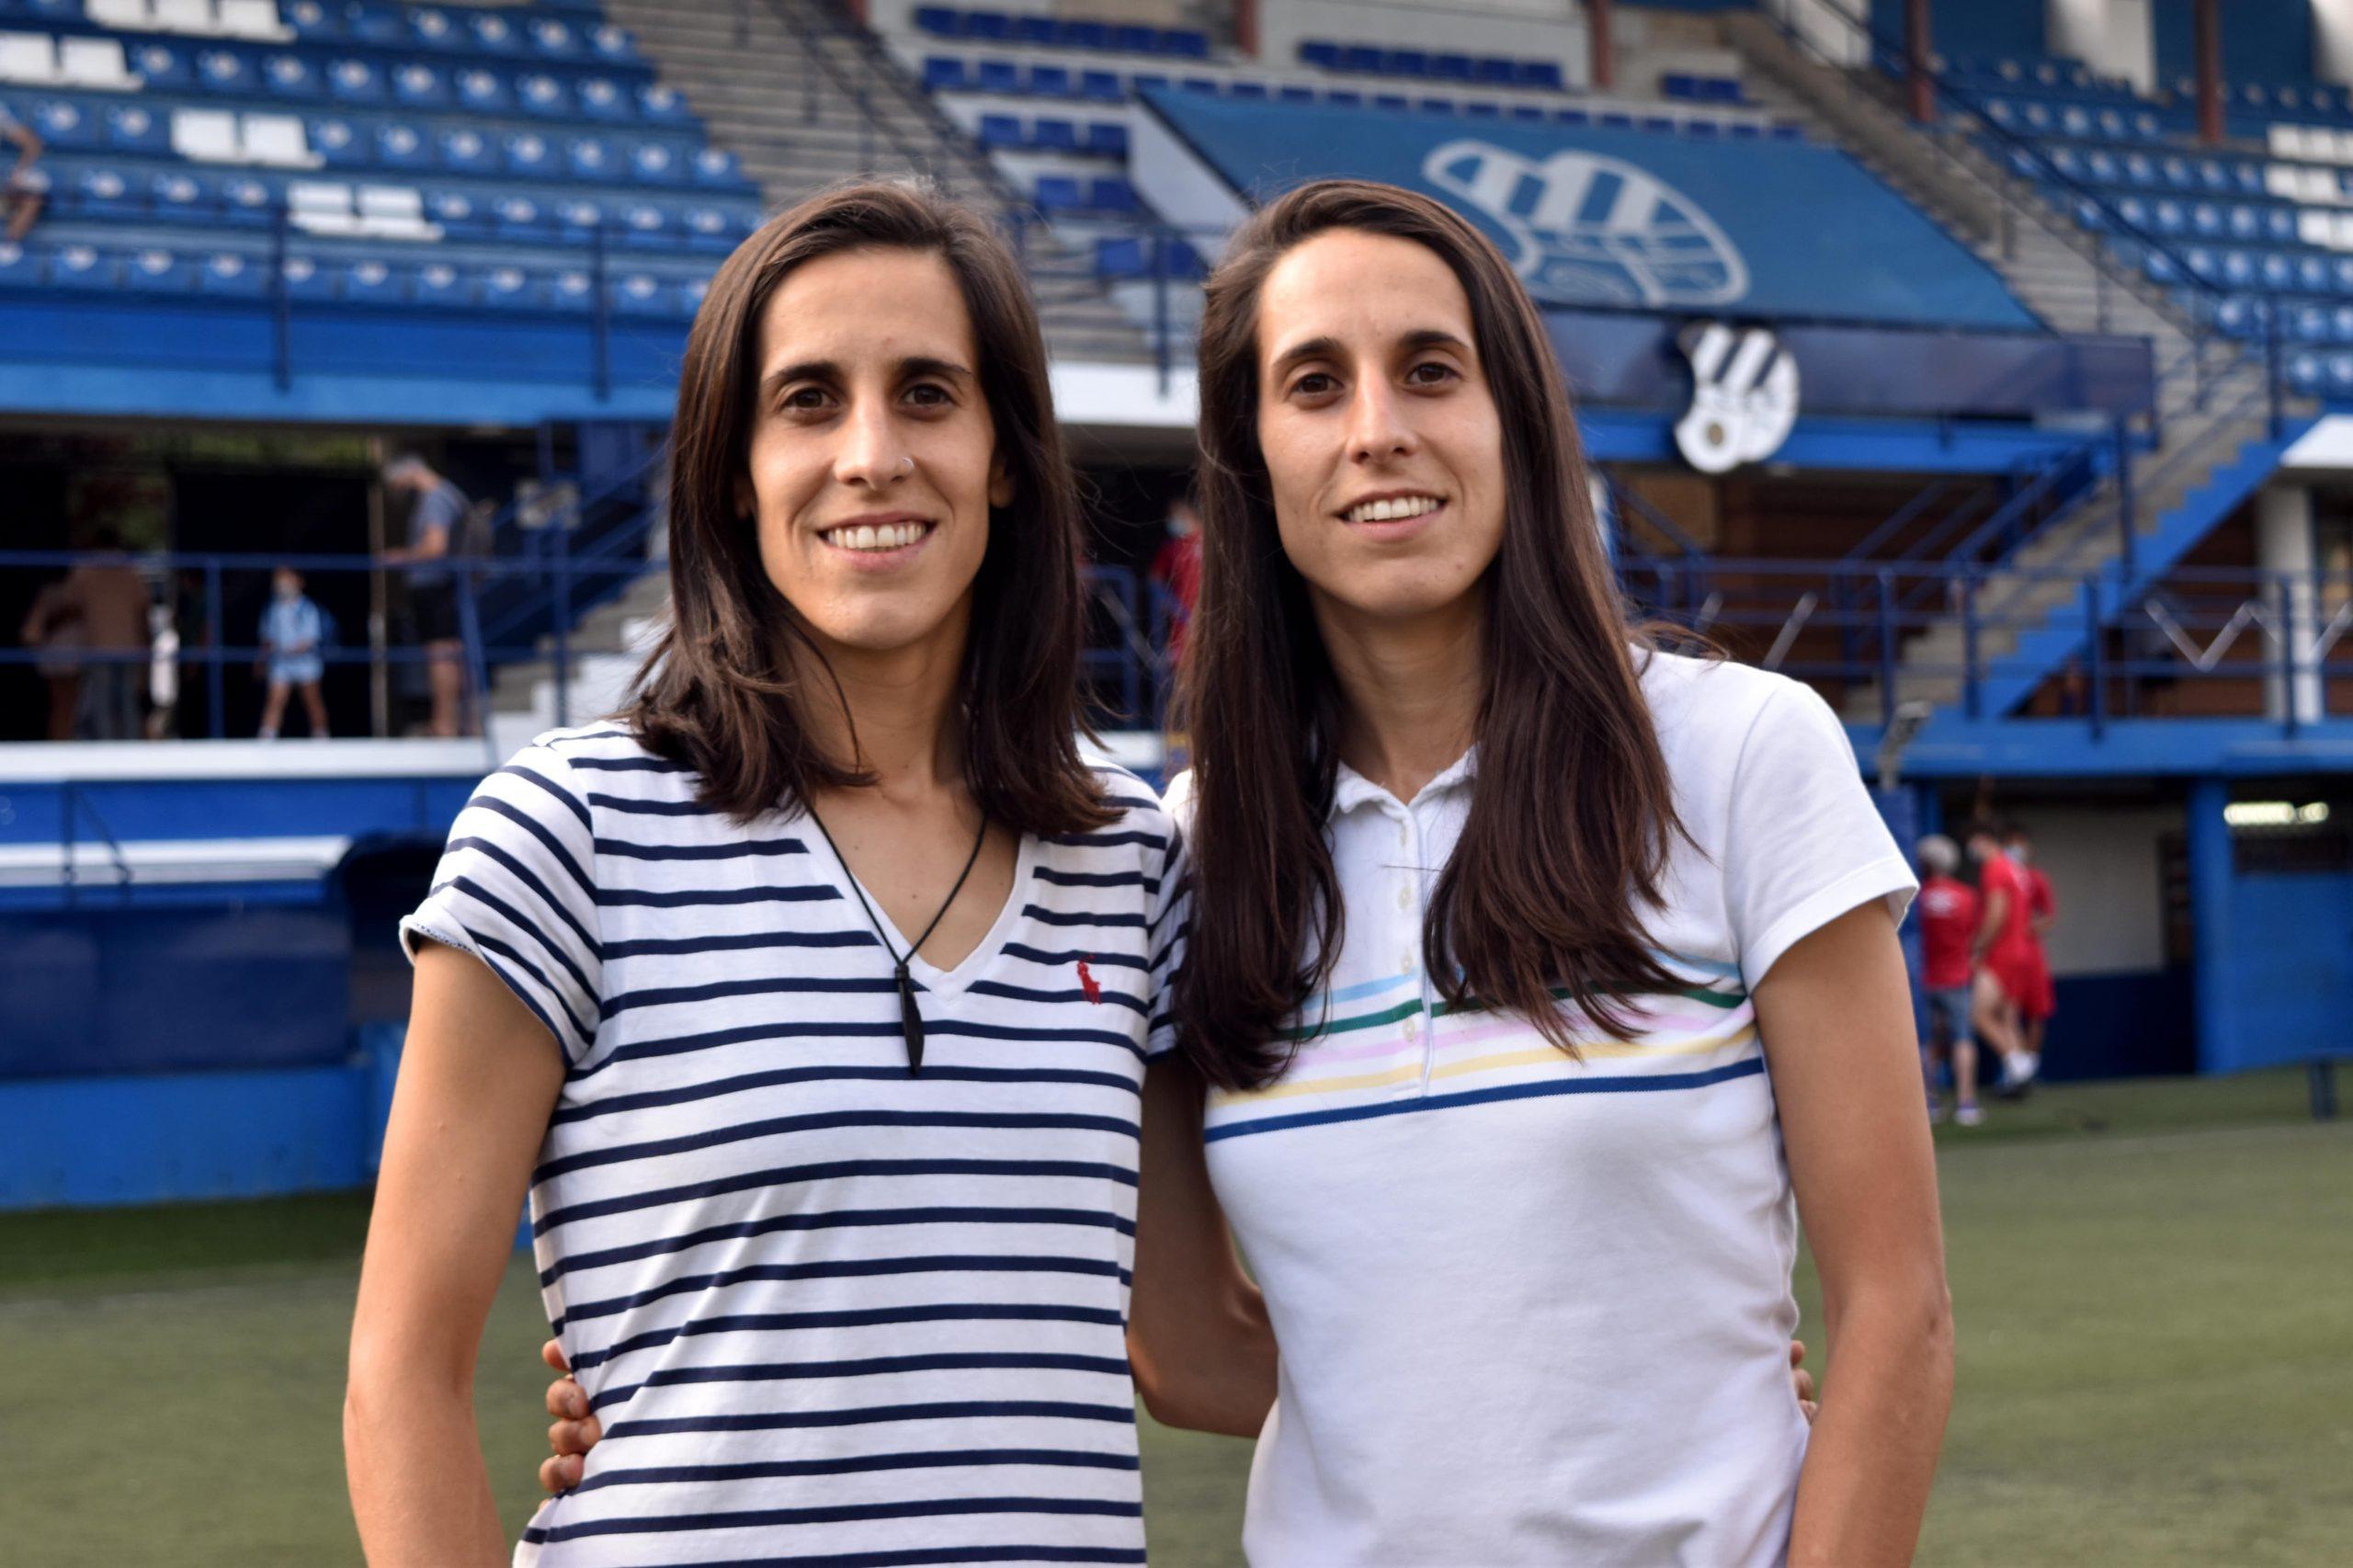 Les germanes Porta, capitanes del primer equip femení de l'Europa   Jordi Batuecas